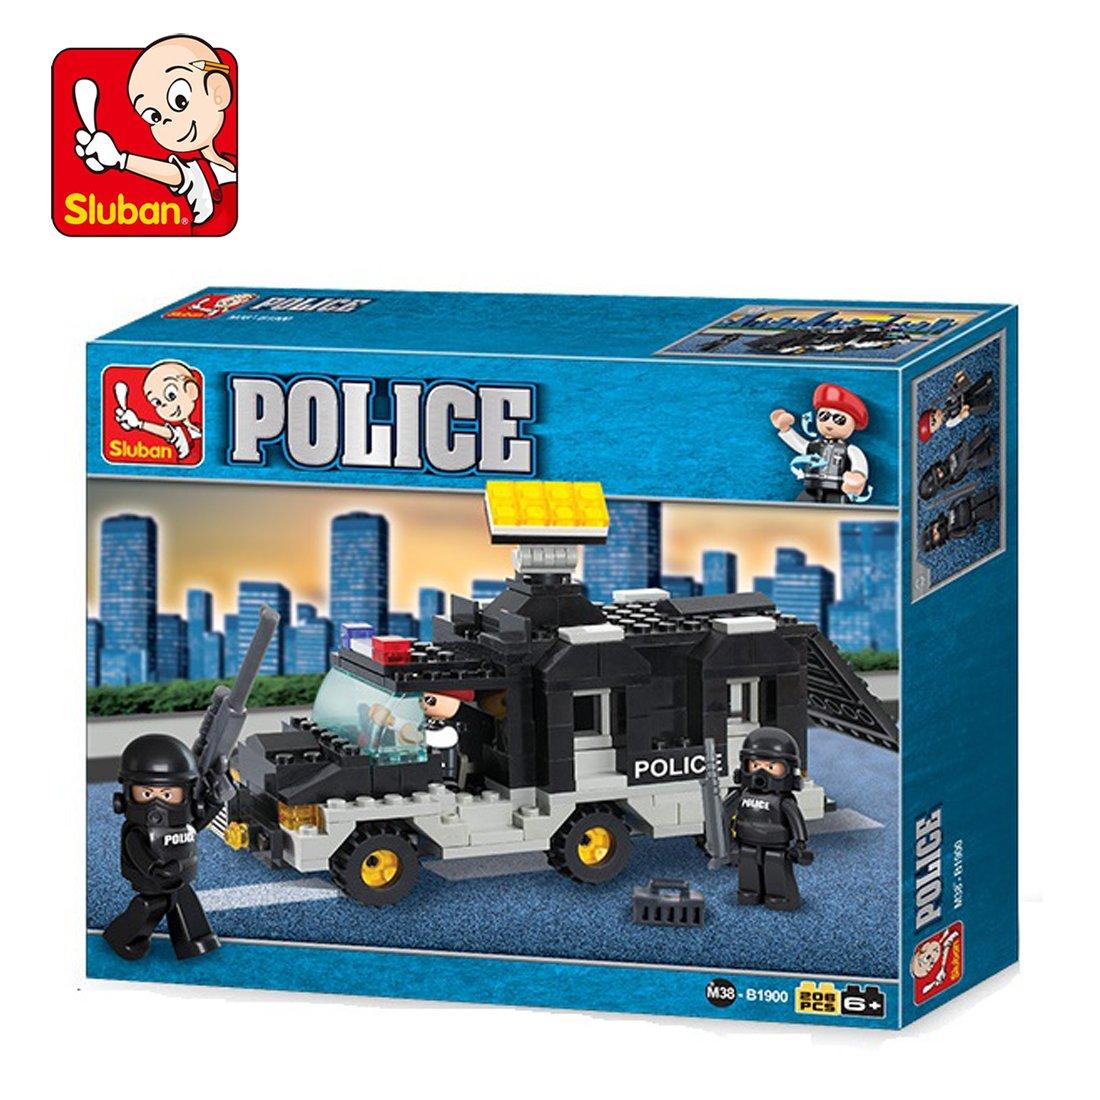 Sluban M38 B1900 Rioi Police, Multi Color  206 Pieces  Buildings